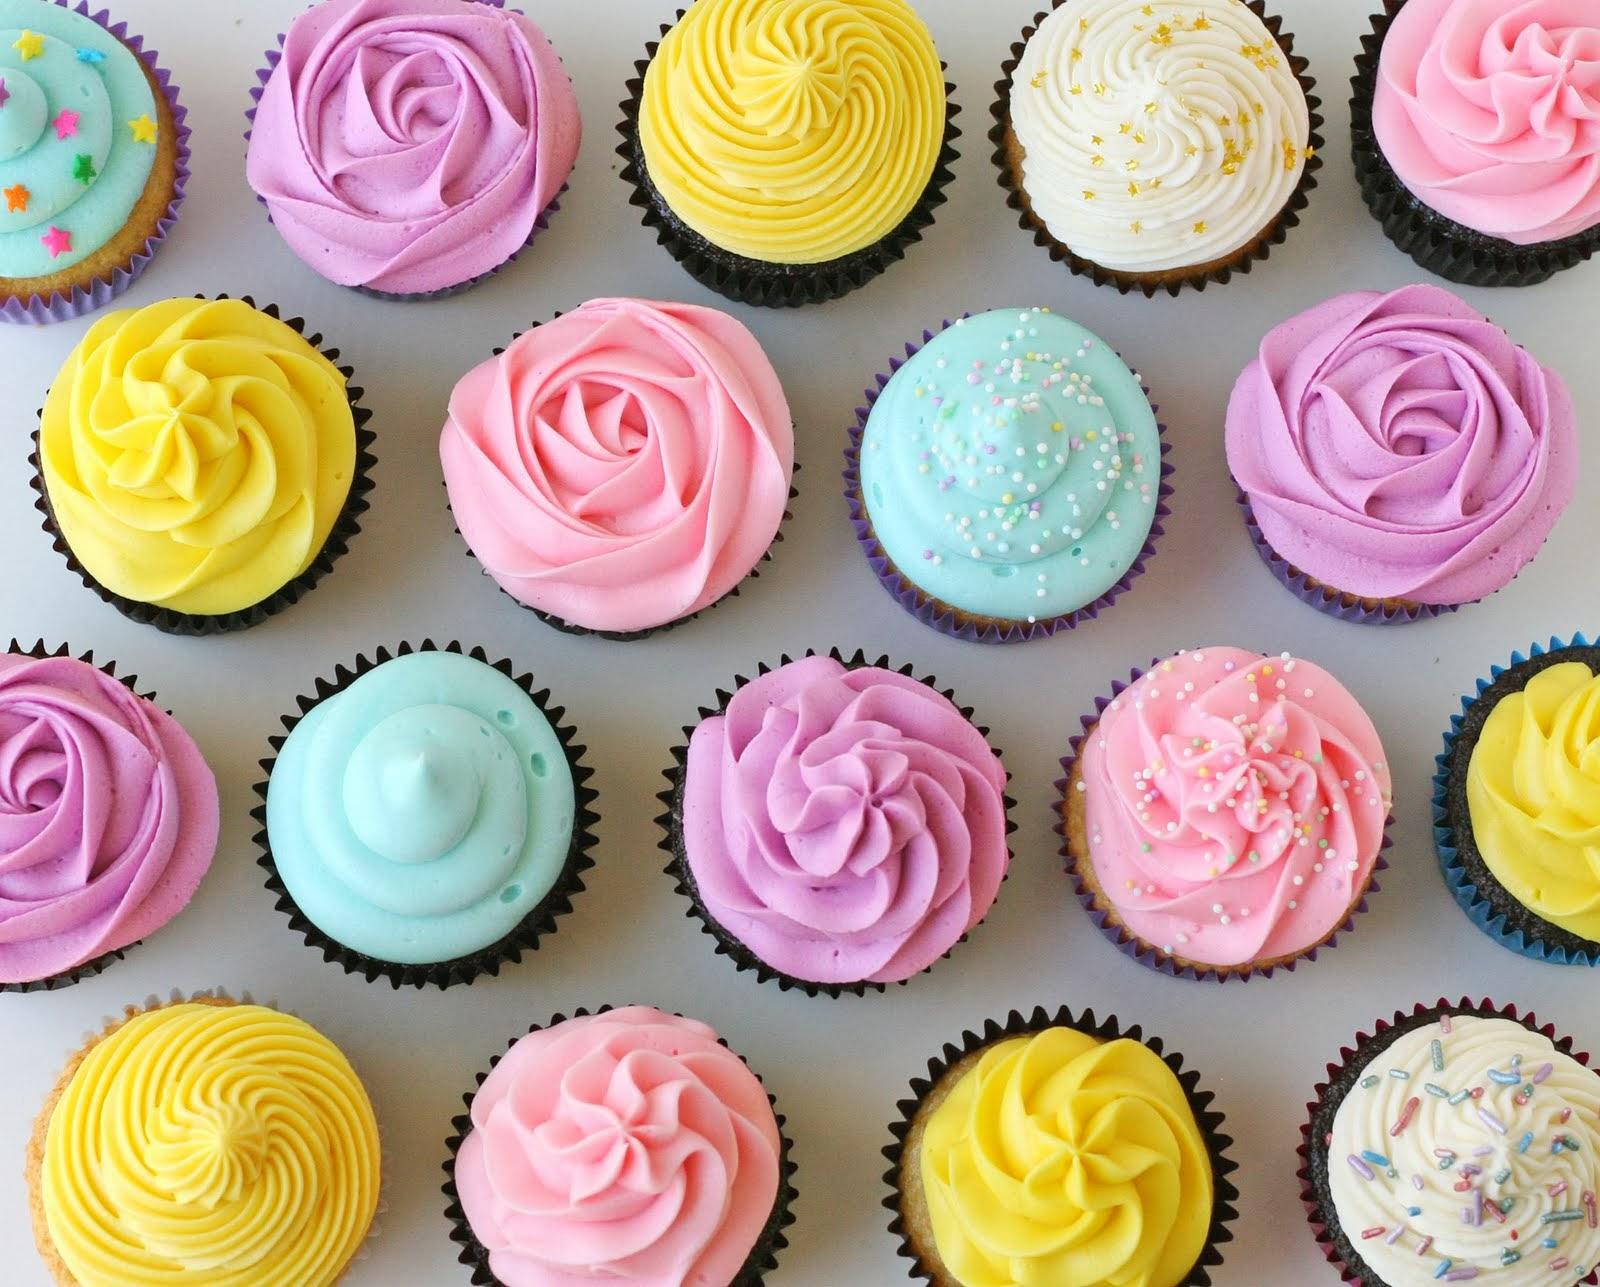 Cupcake Decorating Ideas Butter Icing : Cobertura para Cupcakes (Cupcake frosting) - Amando ...